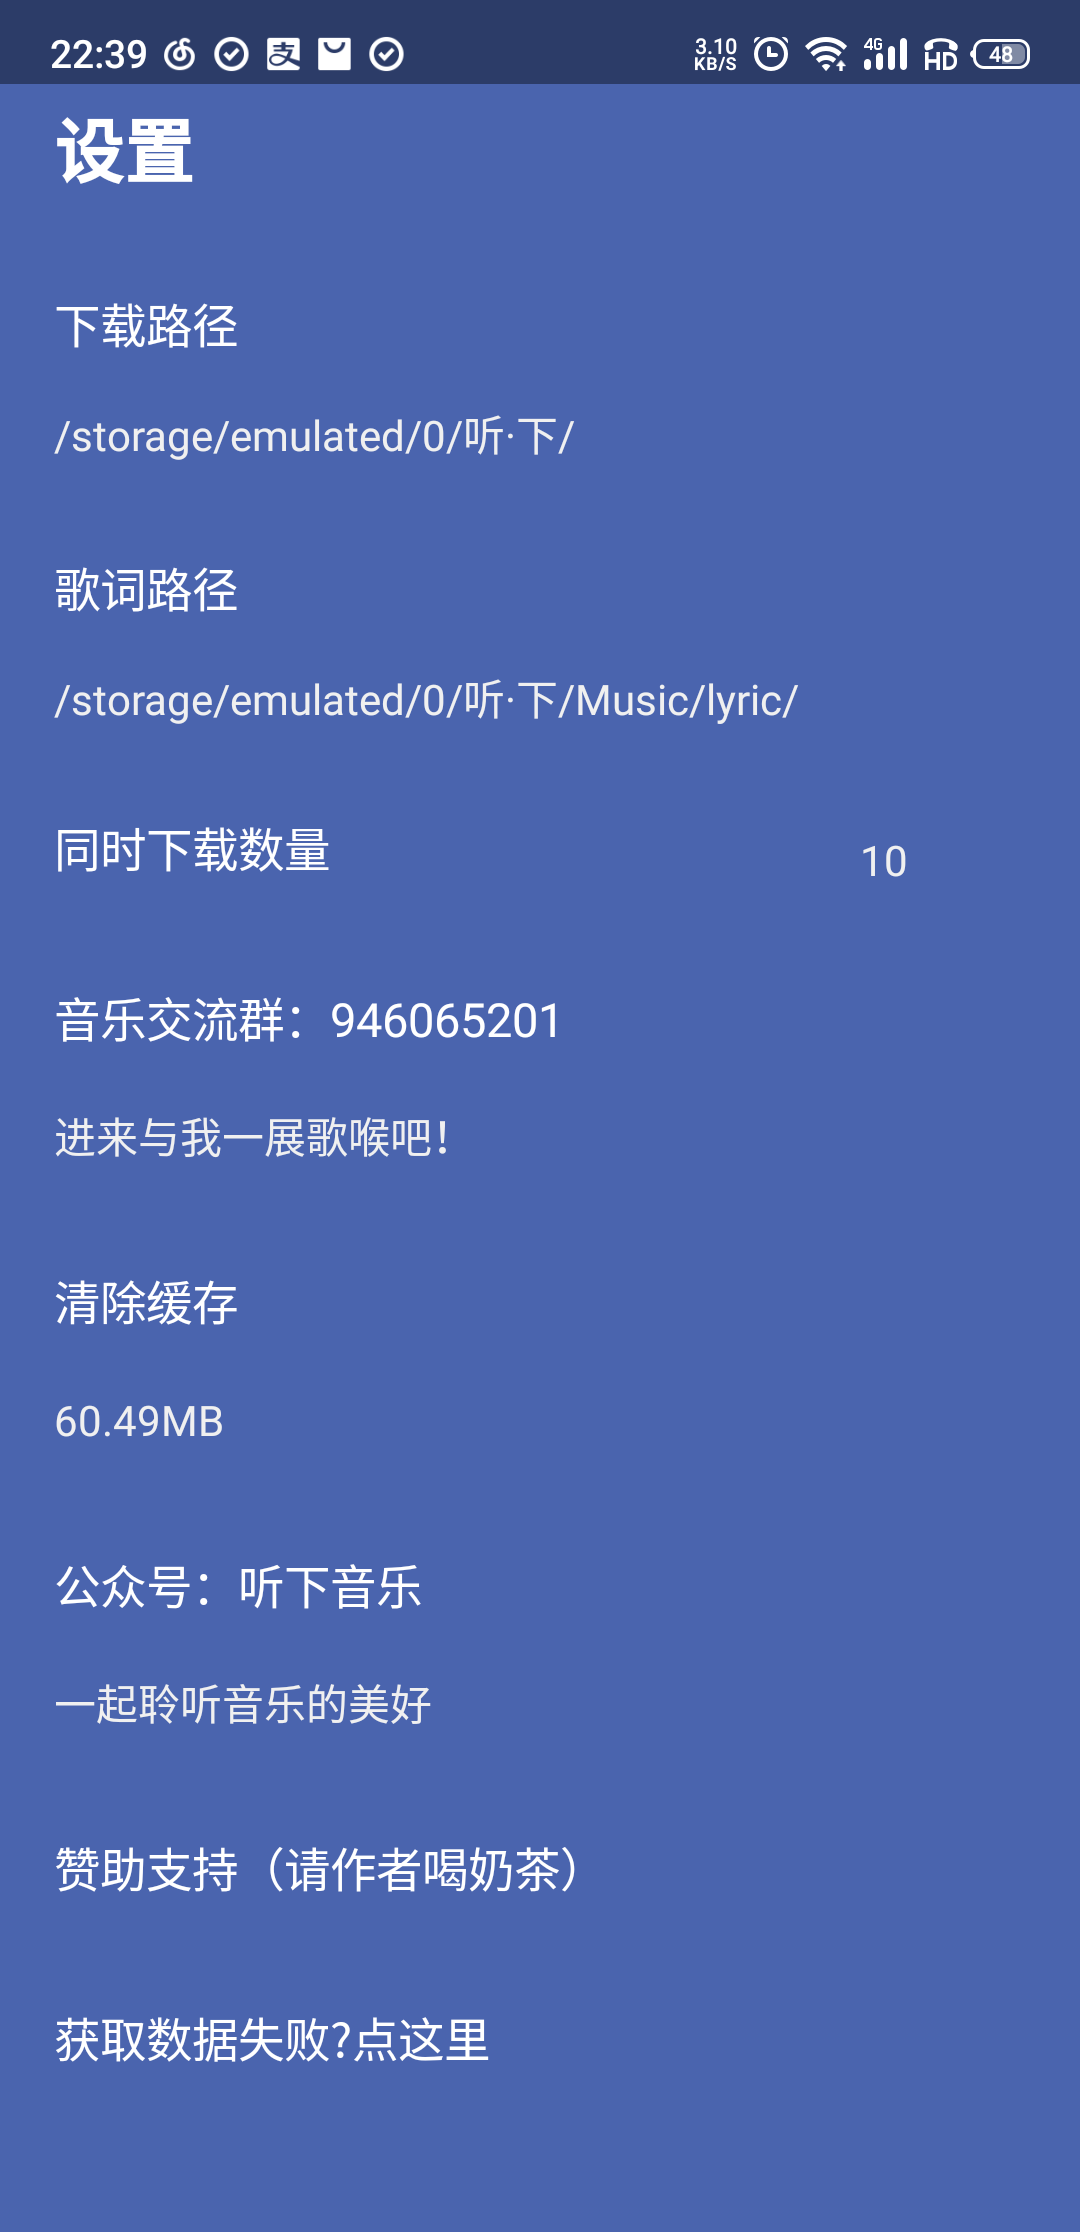 5ffbb4003ffa7d37b3d0d45d 实用性最高的一款良心音乐APP--听·下